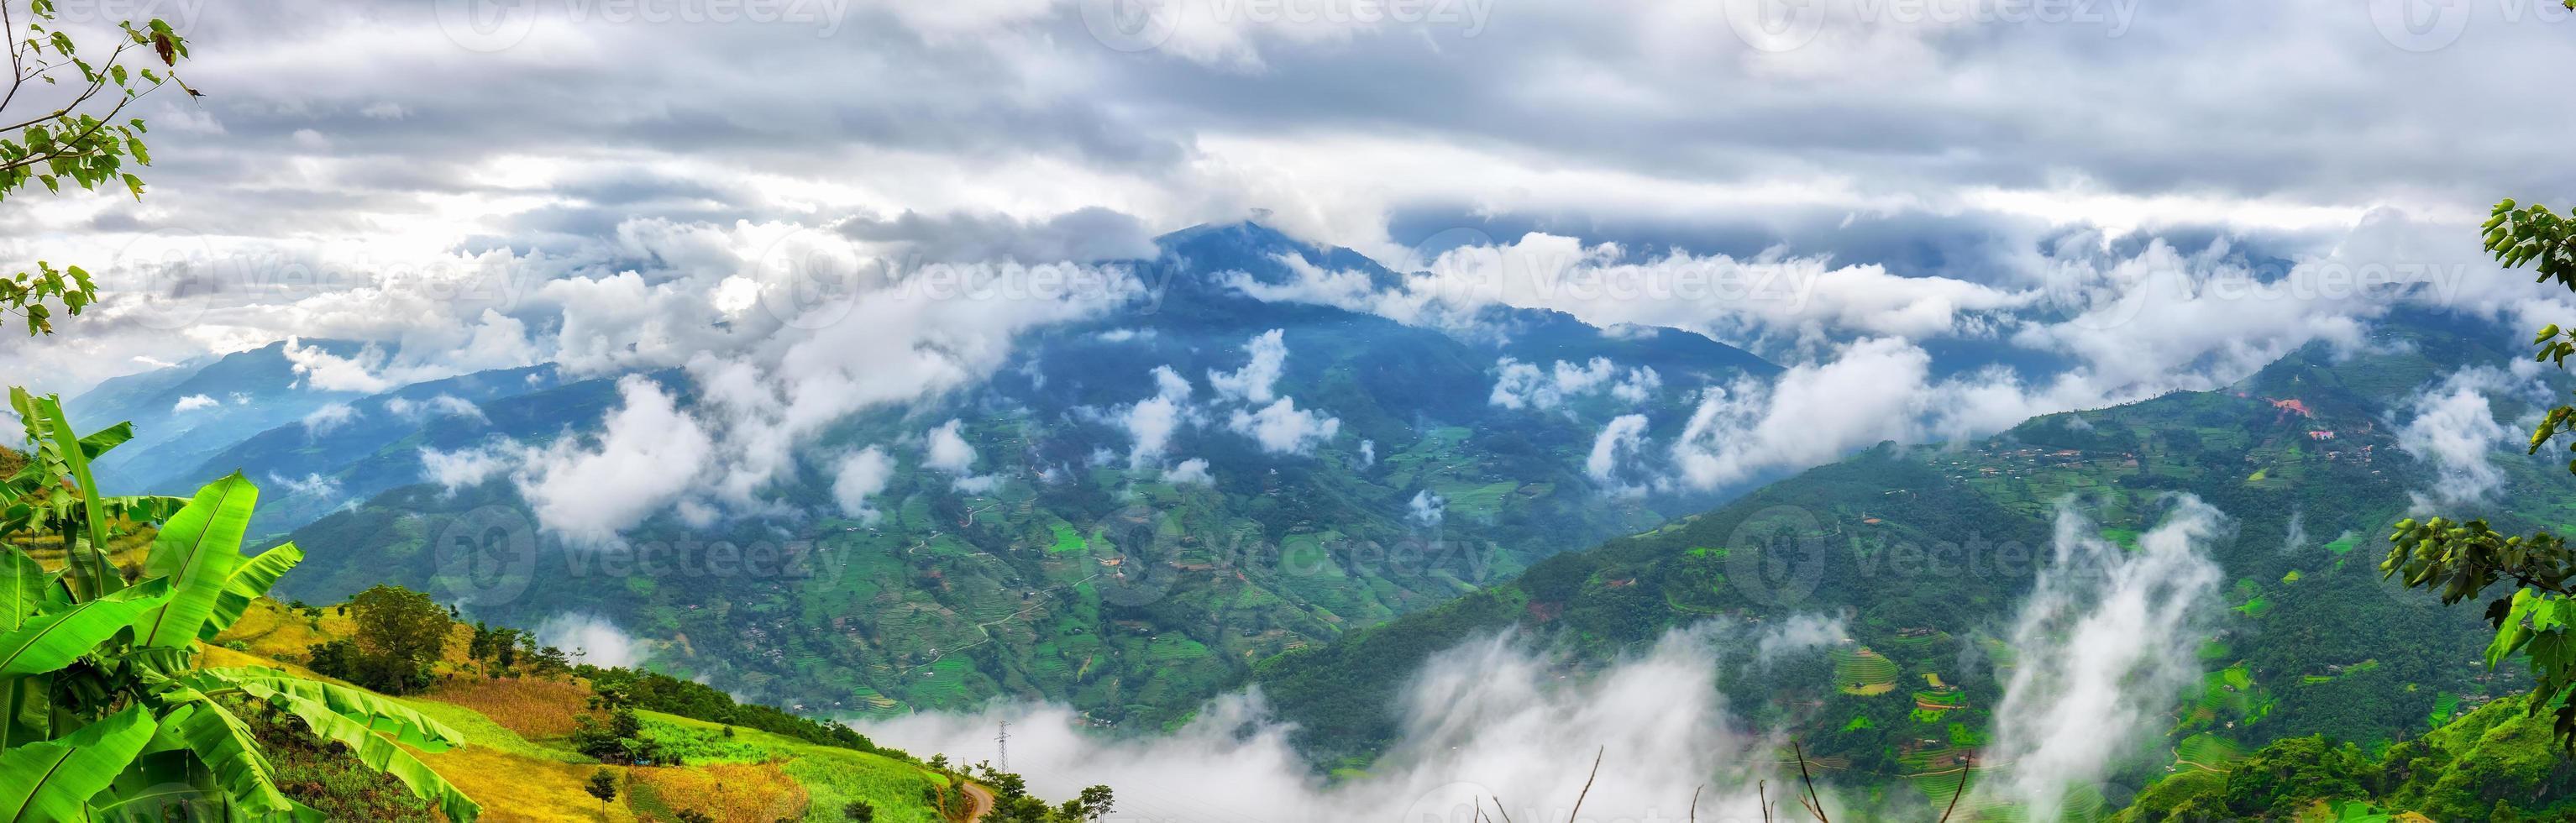 nubes y montaña noroeste vietnam foto